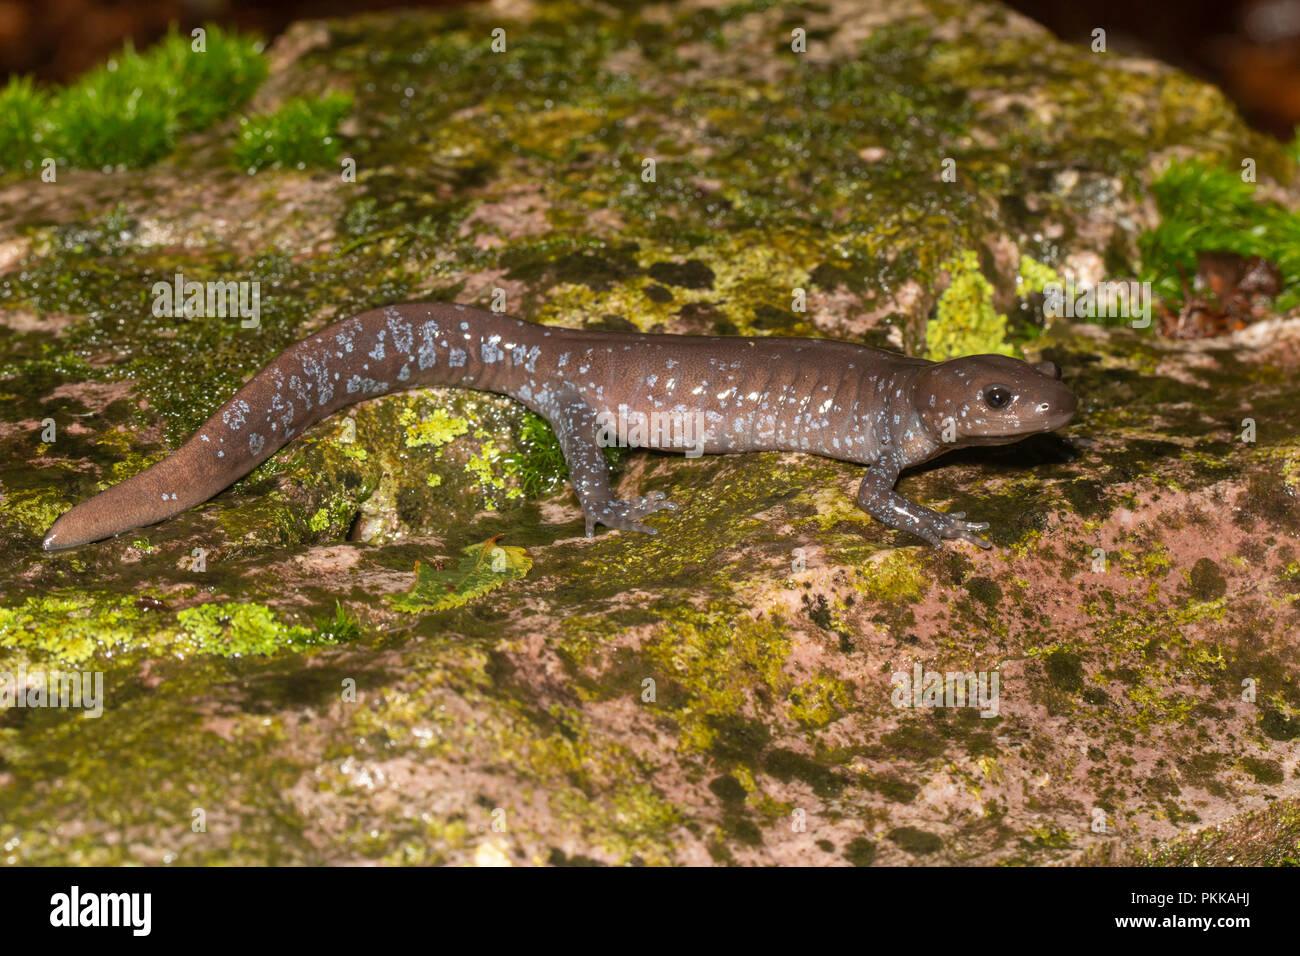 jefferson s salamander on a colorful rock ambystoma jeffersonianum